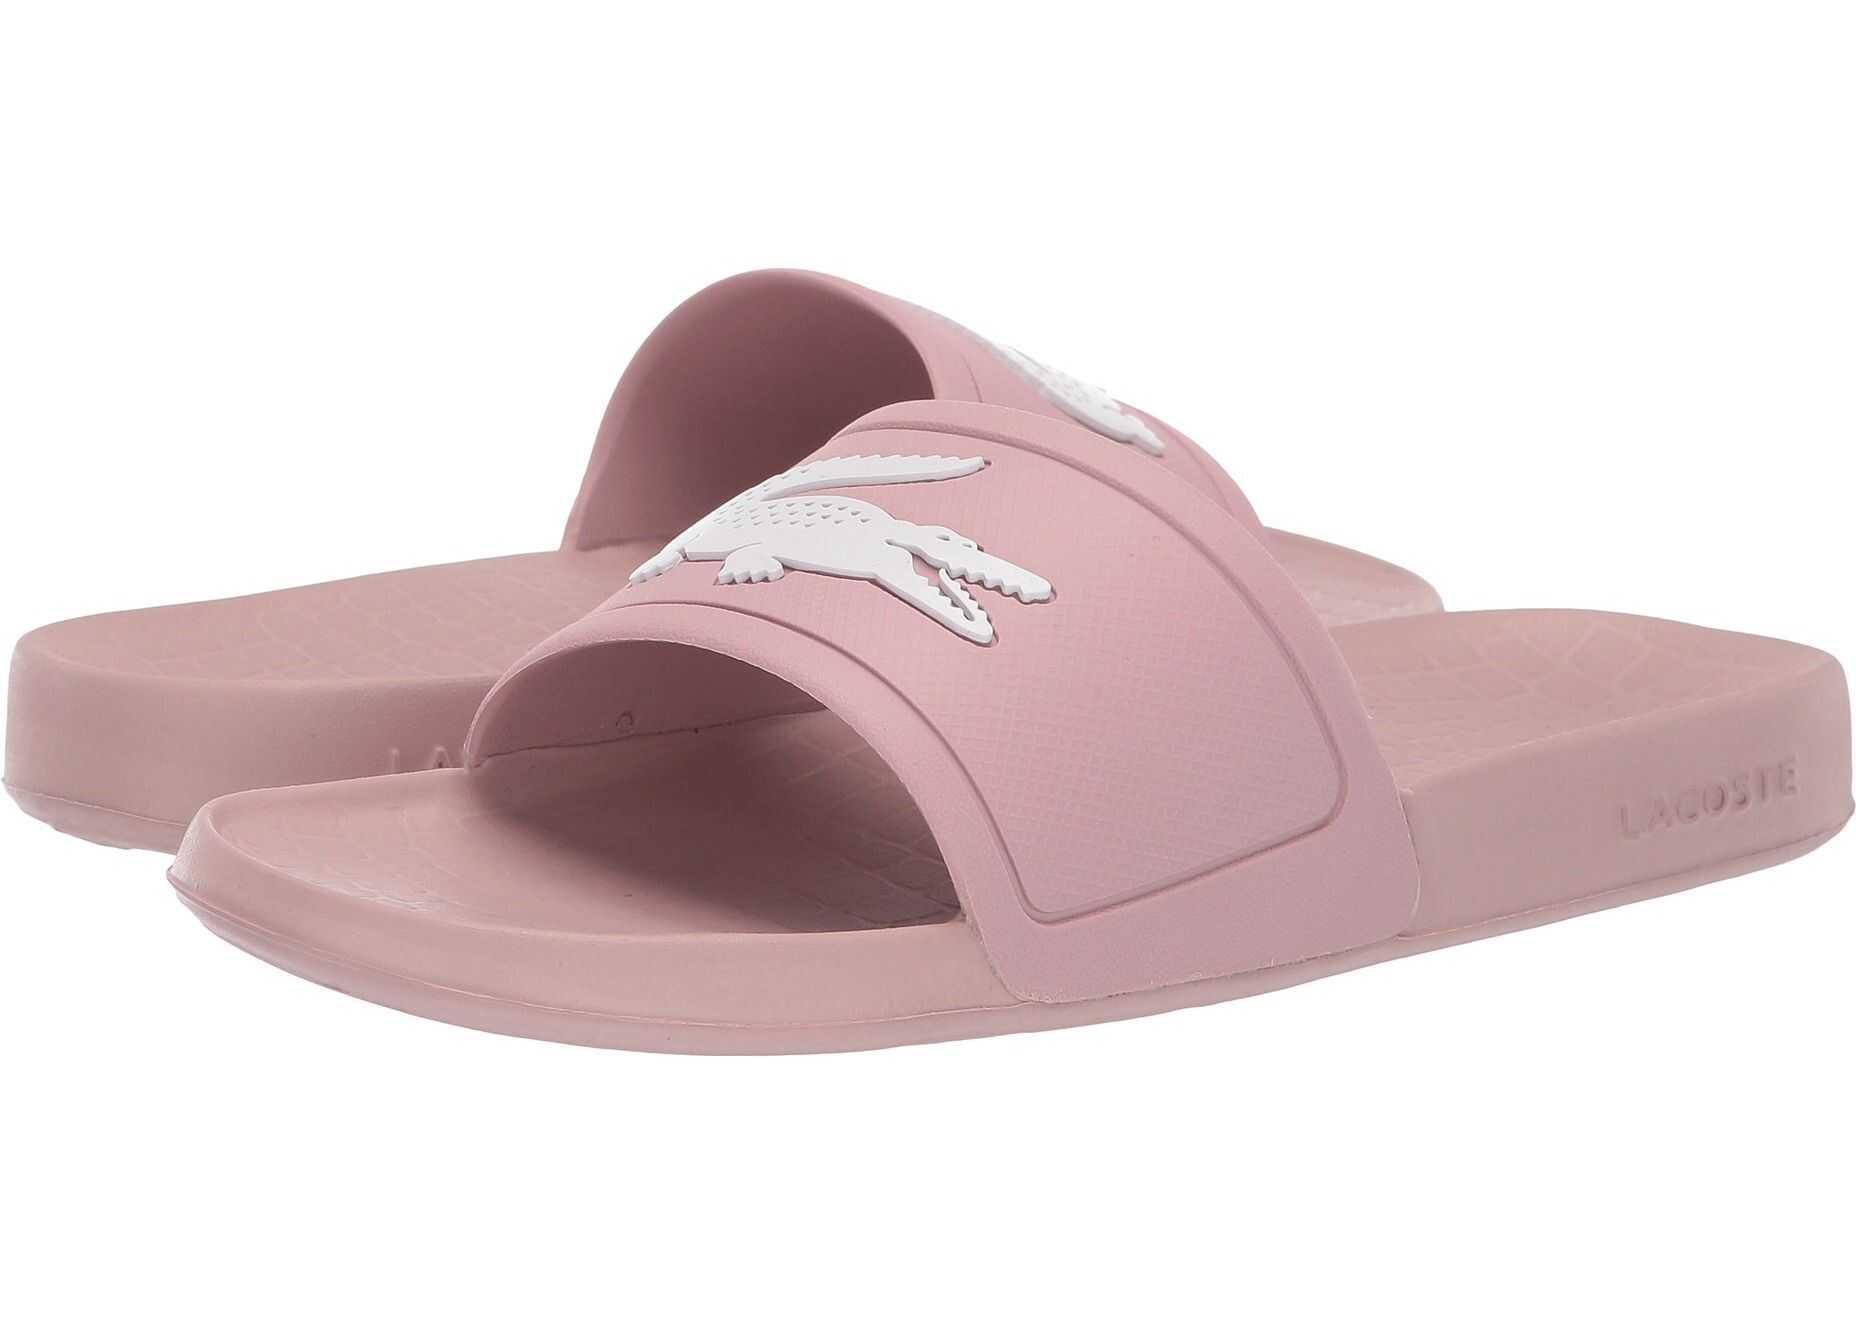 Lacoste Fraisier 119 2 P CFA Light Pink/White